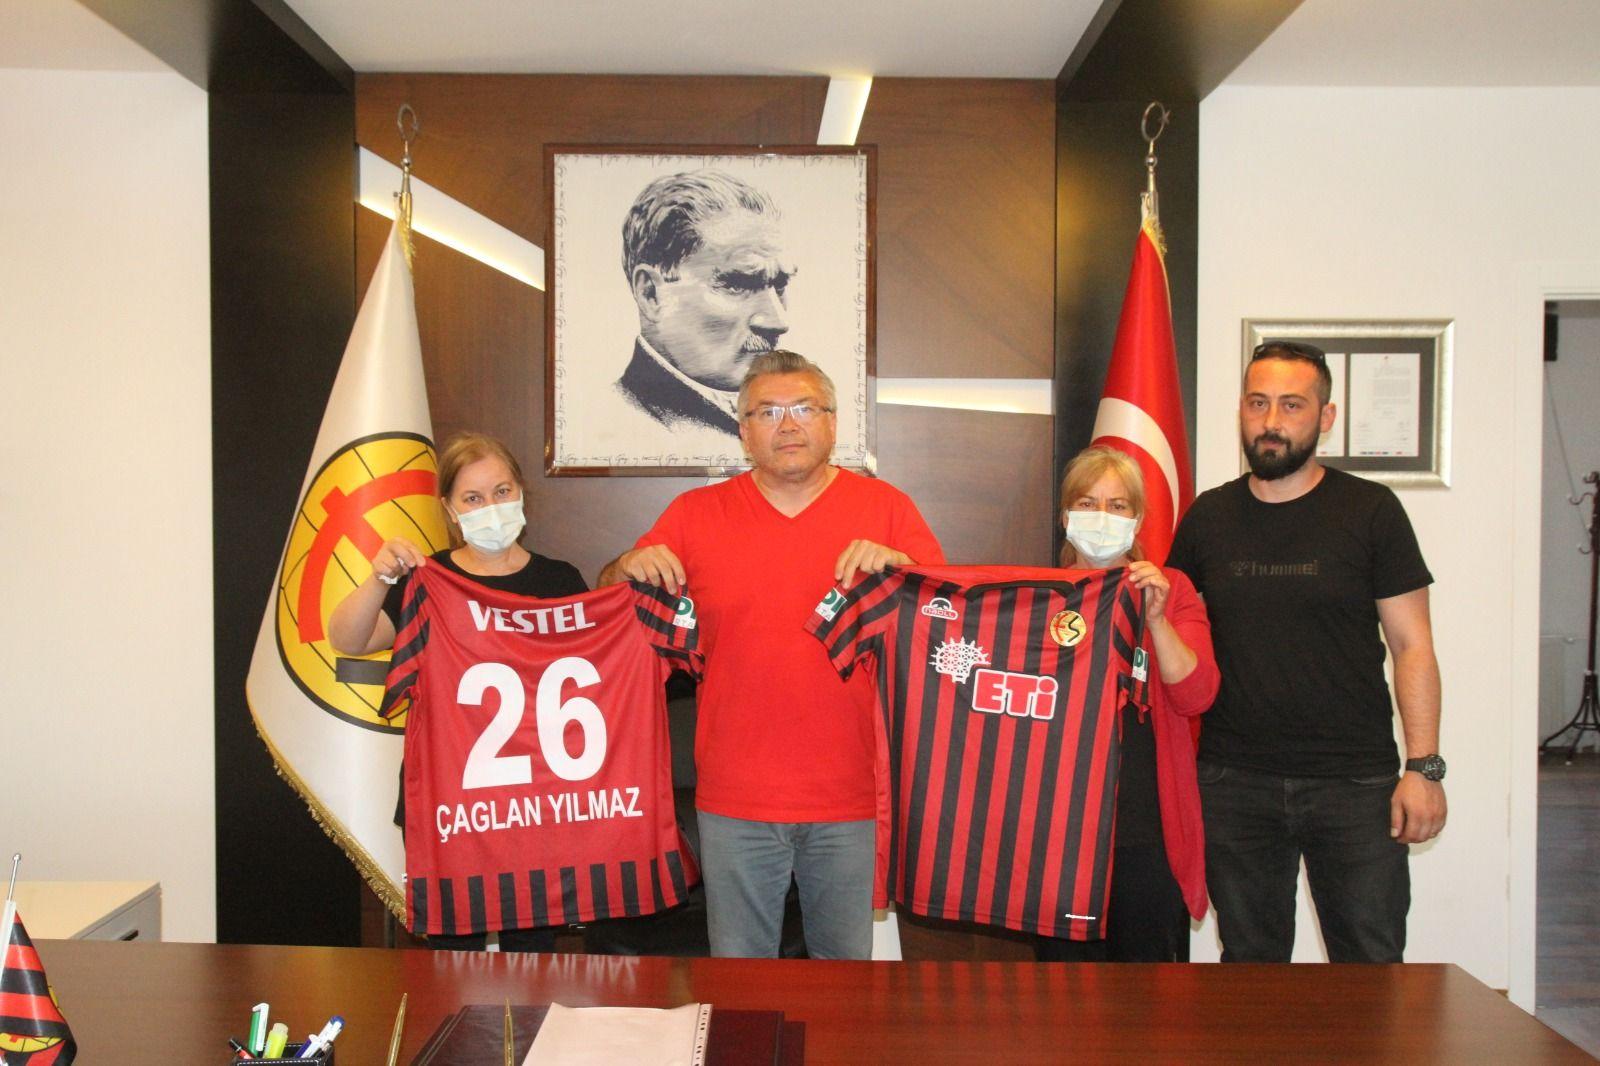 Eskişehirspor Tesisleri'nde hüzünlü buluşma!